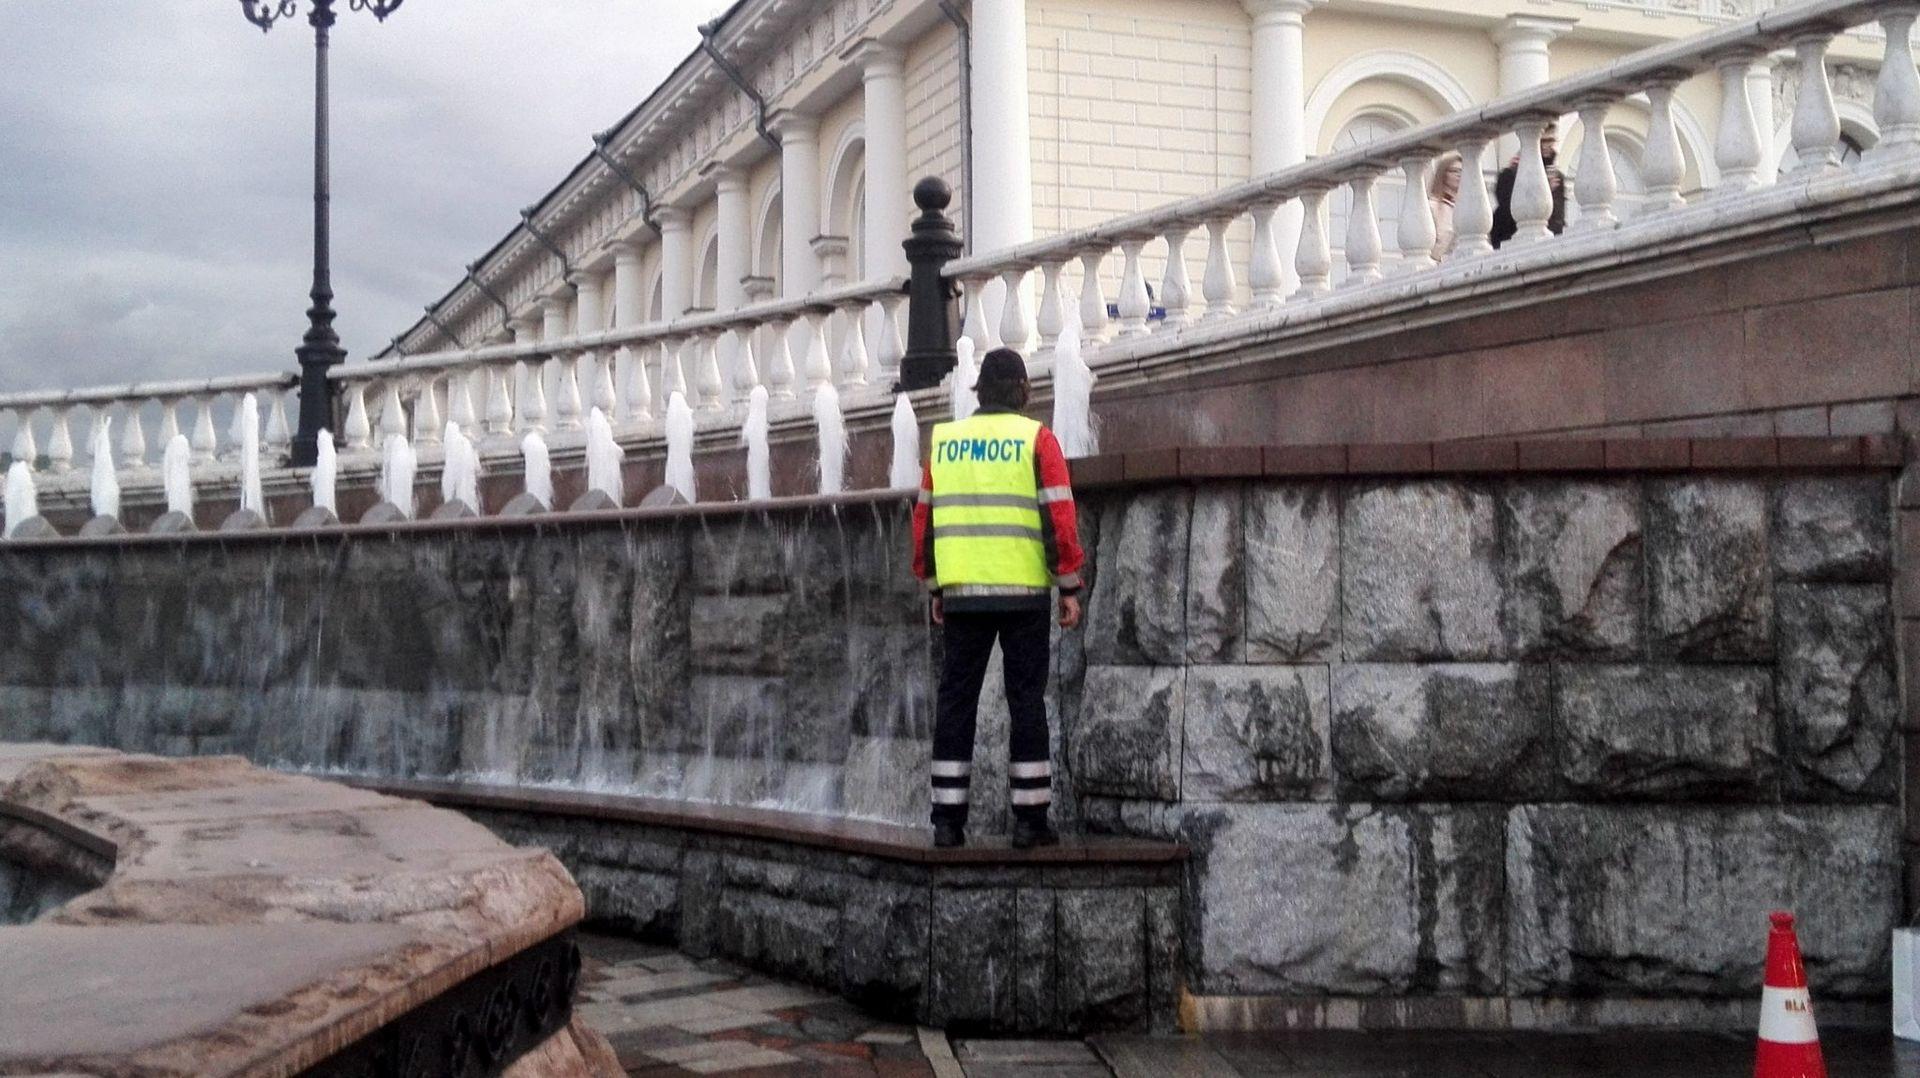 ГБУ Гормост, фонтан, очистка, благоустройство